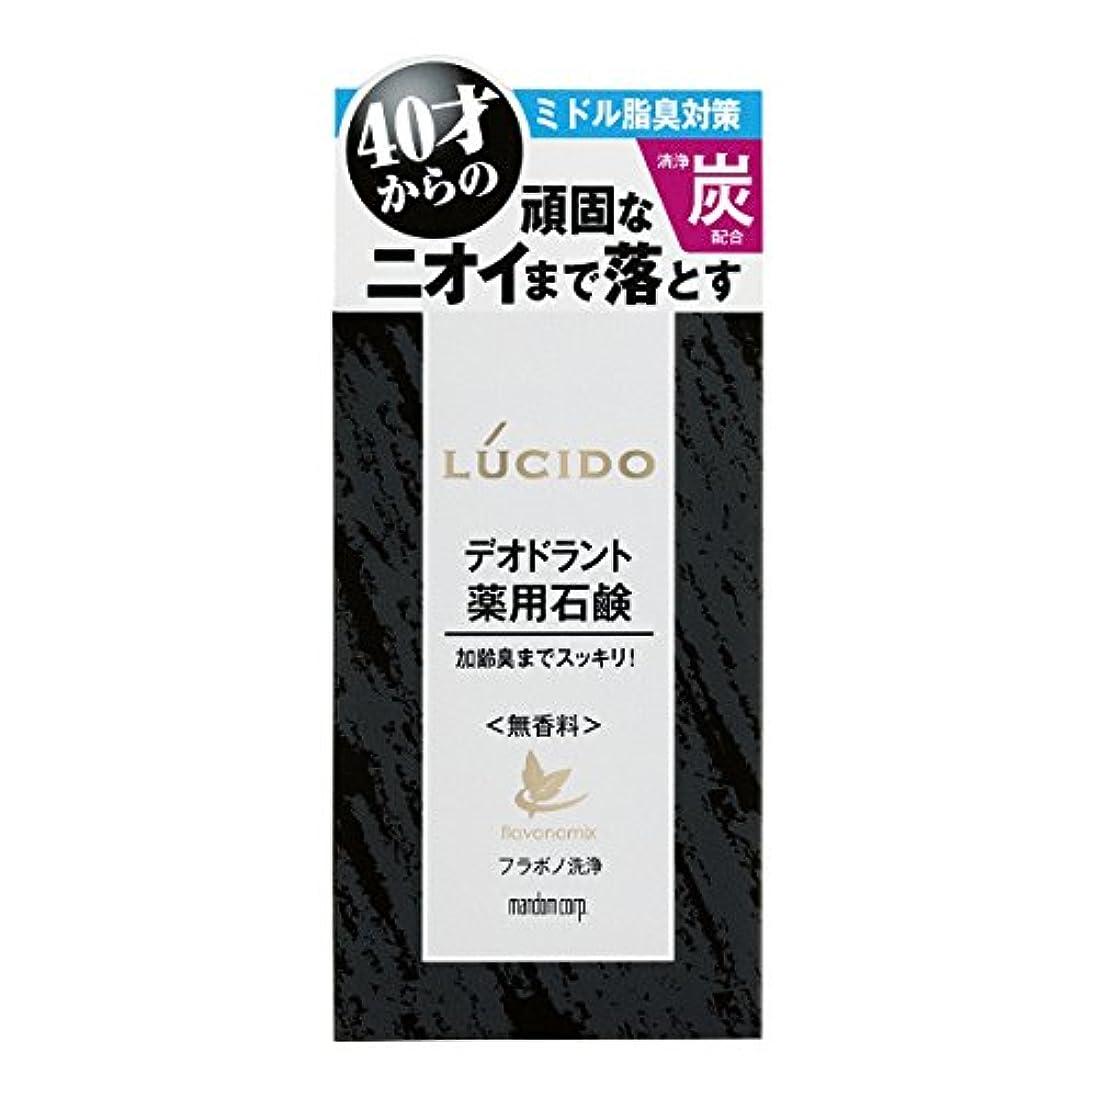 例外運命的な知覚ルシード 薬用デオドラント石鹸 100g(医薬部外品)